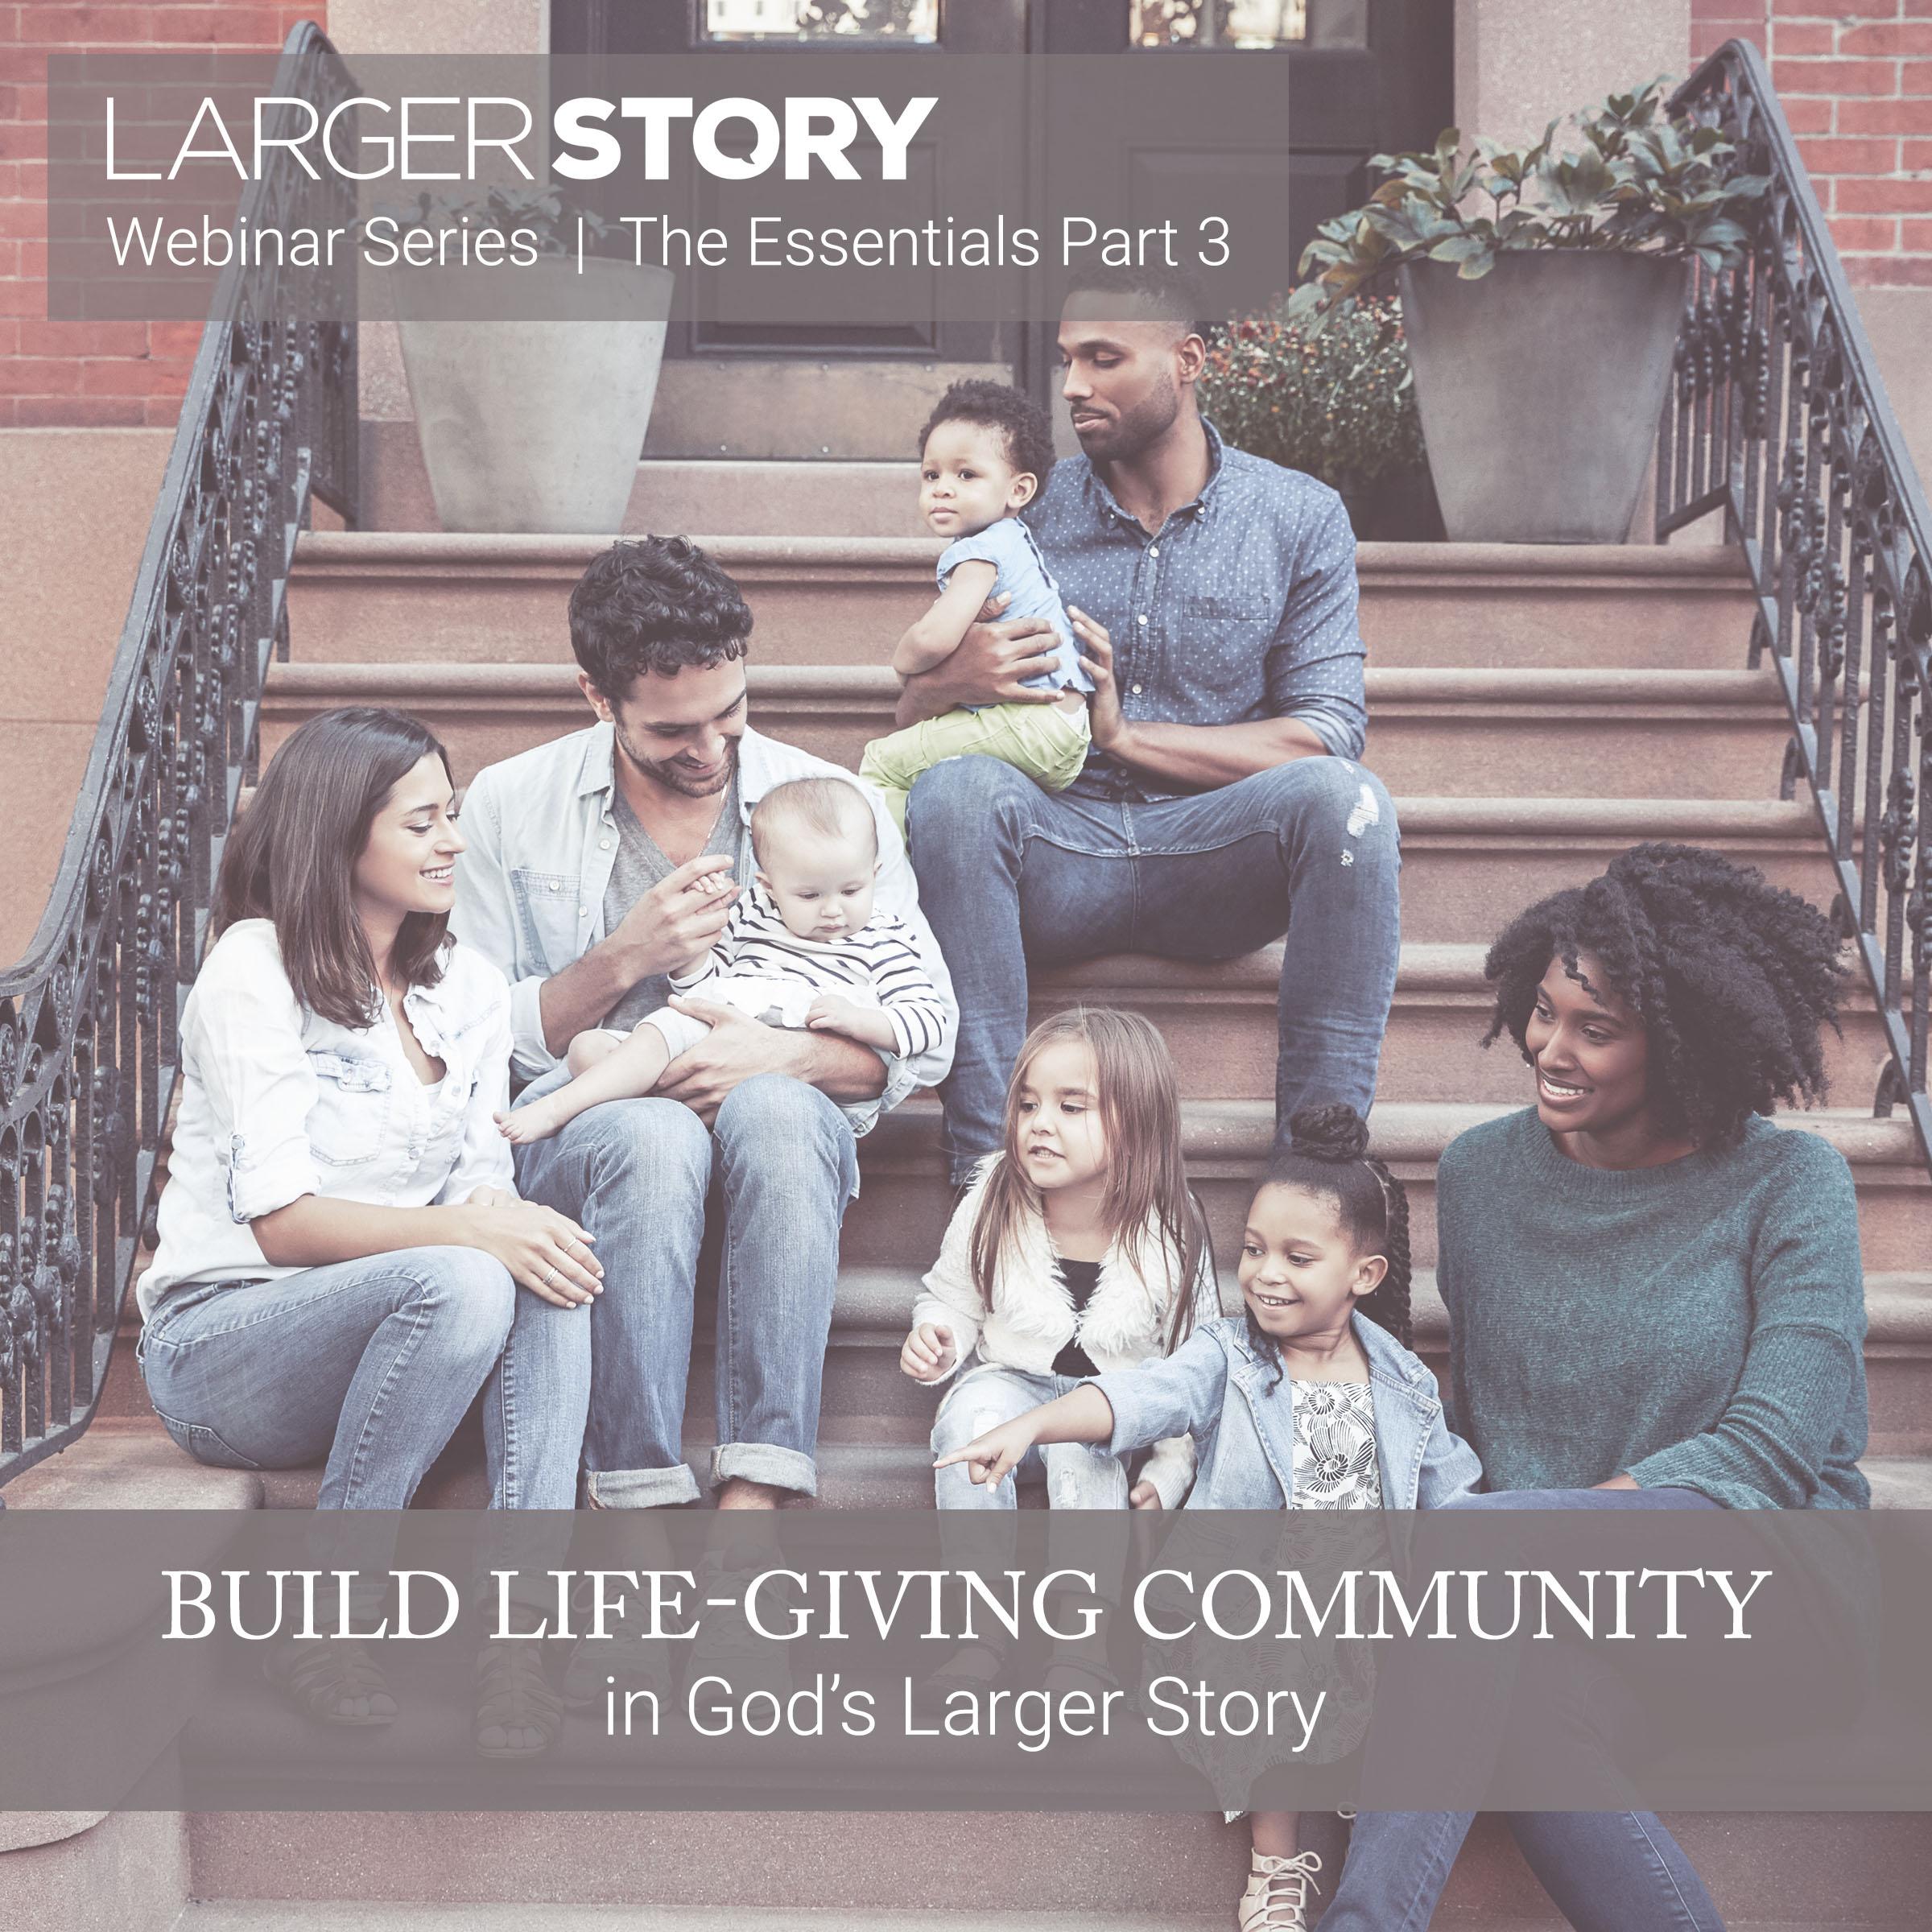 Larger_Story_Webinar_Series_Community_tile_v3